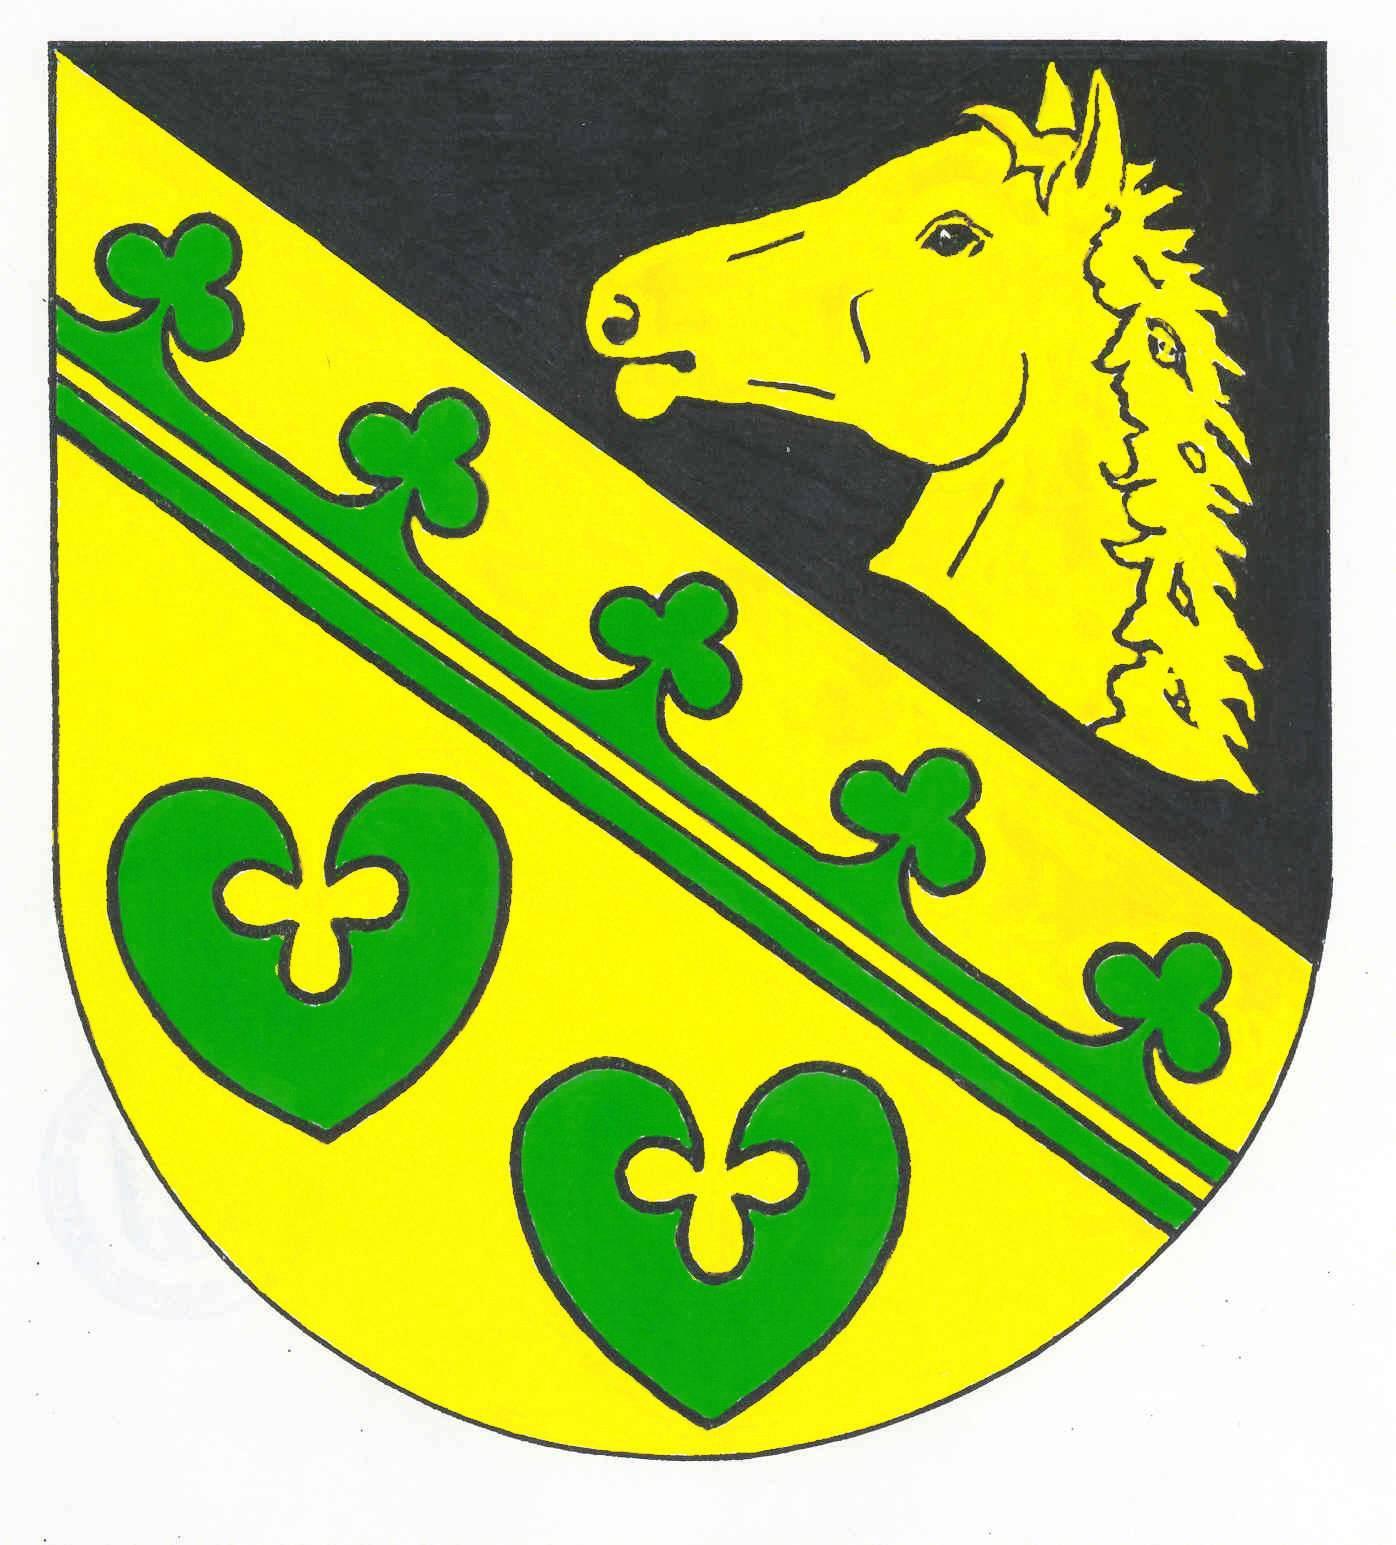 Wappen GemeindeMustin, Kreis Herzogtum Lauenburg